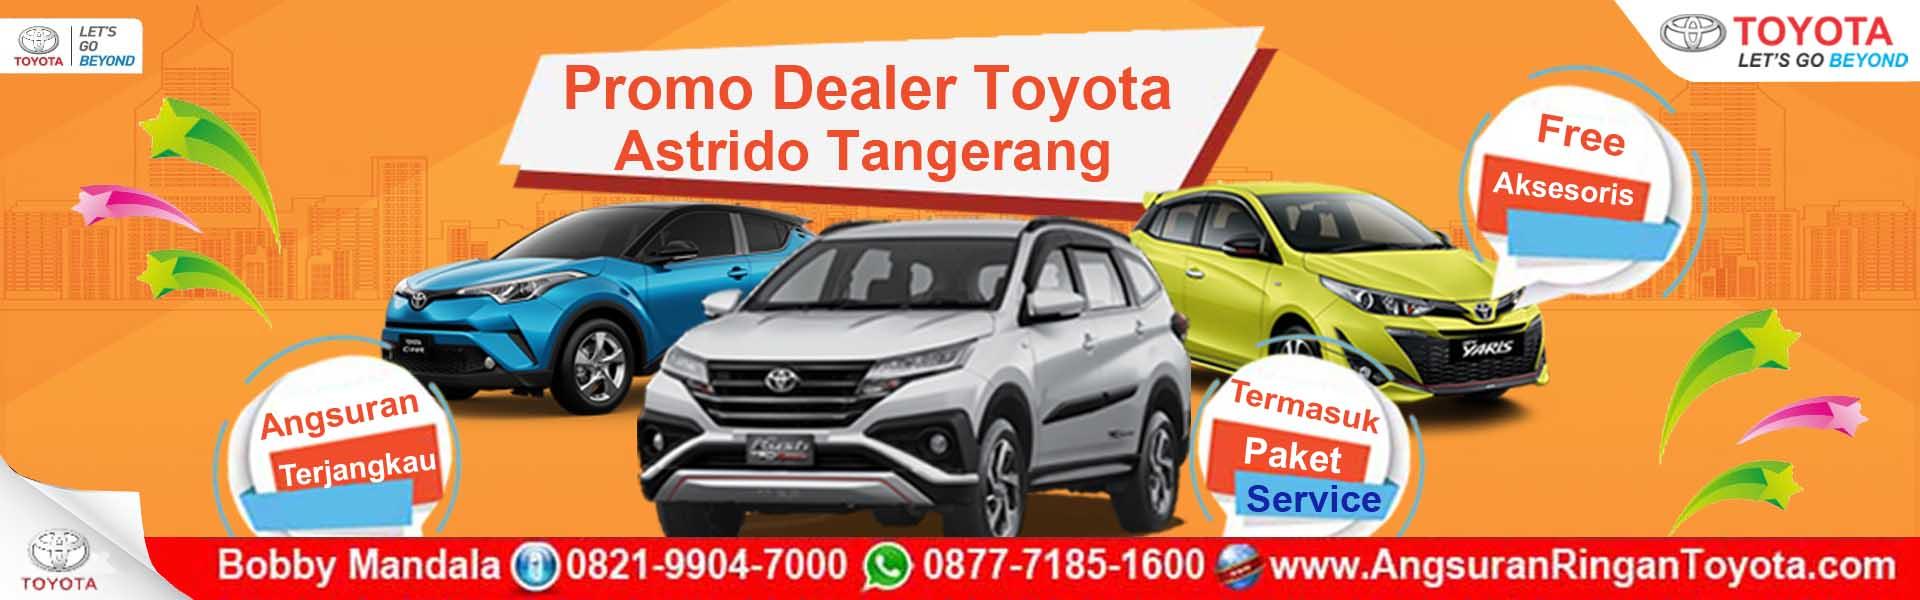 Promo Dealer Toyota Astrido Tangerang, Dp Murah & Cicilan Ringan